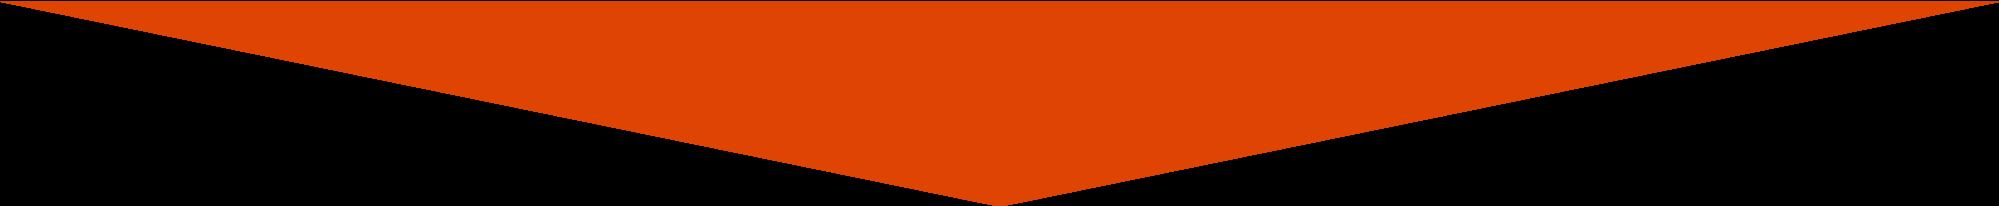 orange arrow.png